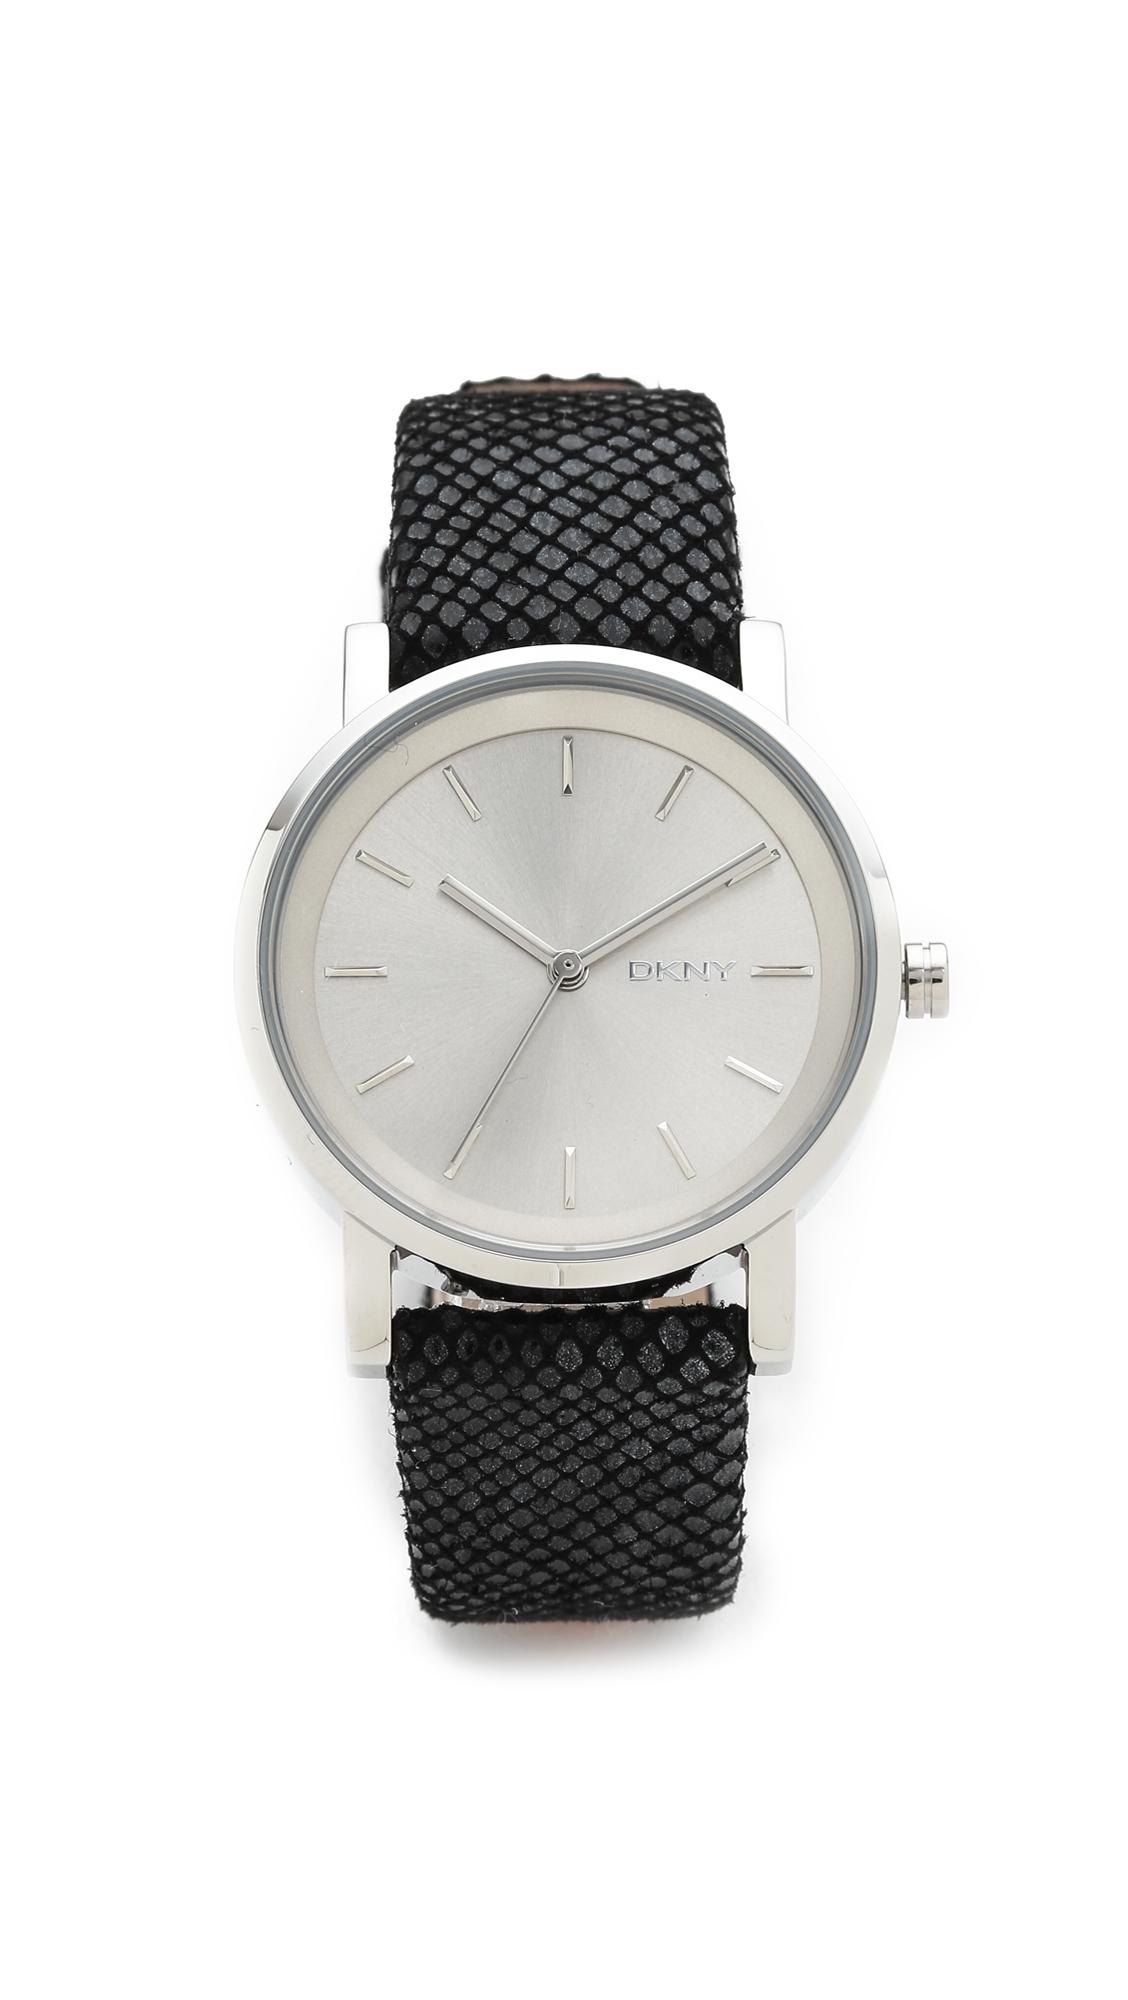 7ed1ddceb DKNY Soho Three Band Leather Watch Set - Silver in Black - Lyst